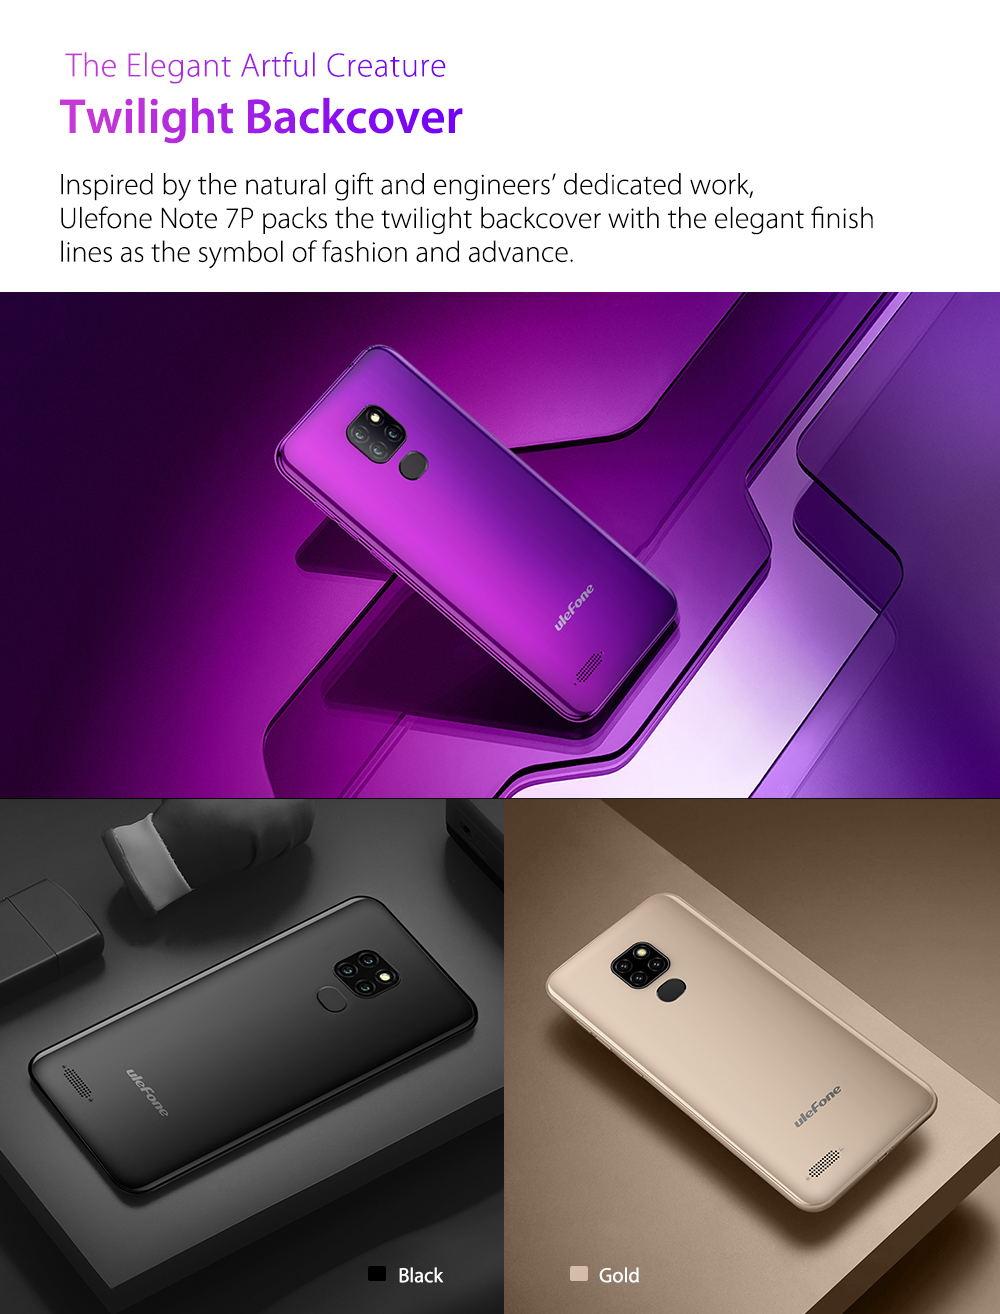 ulefone note 7p smartphone online